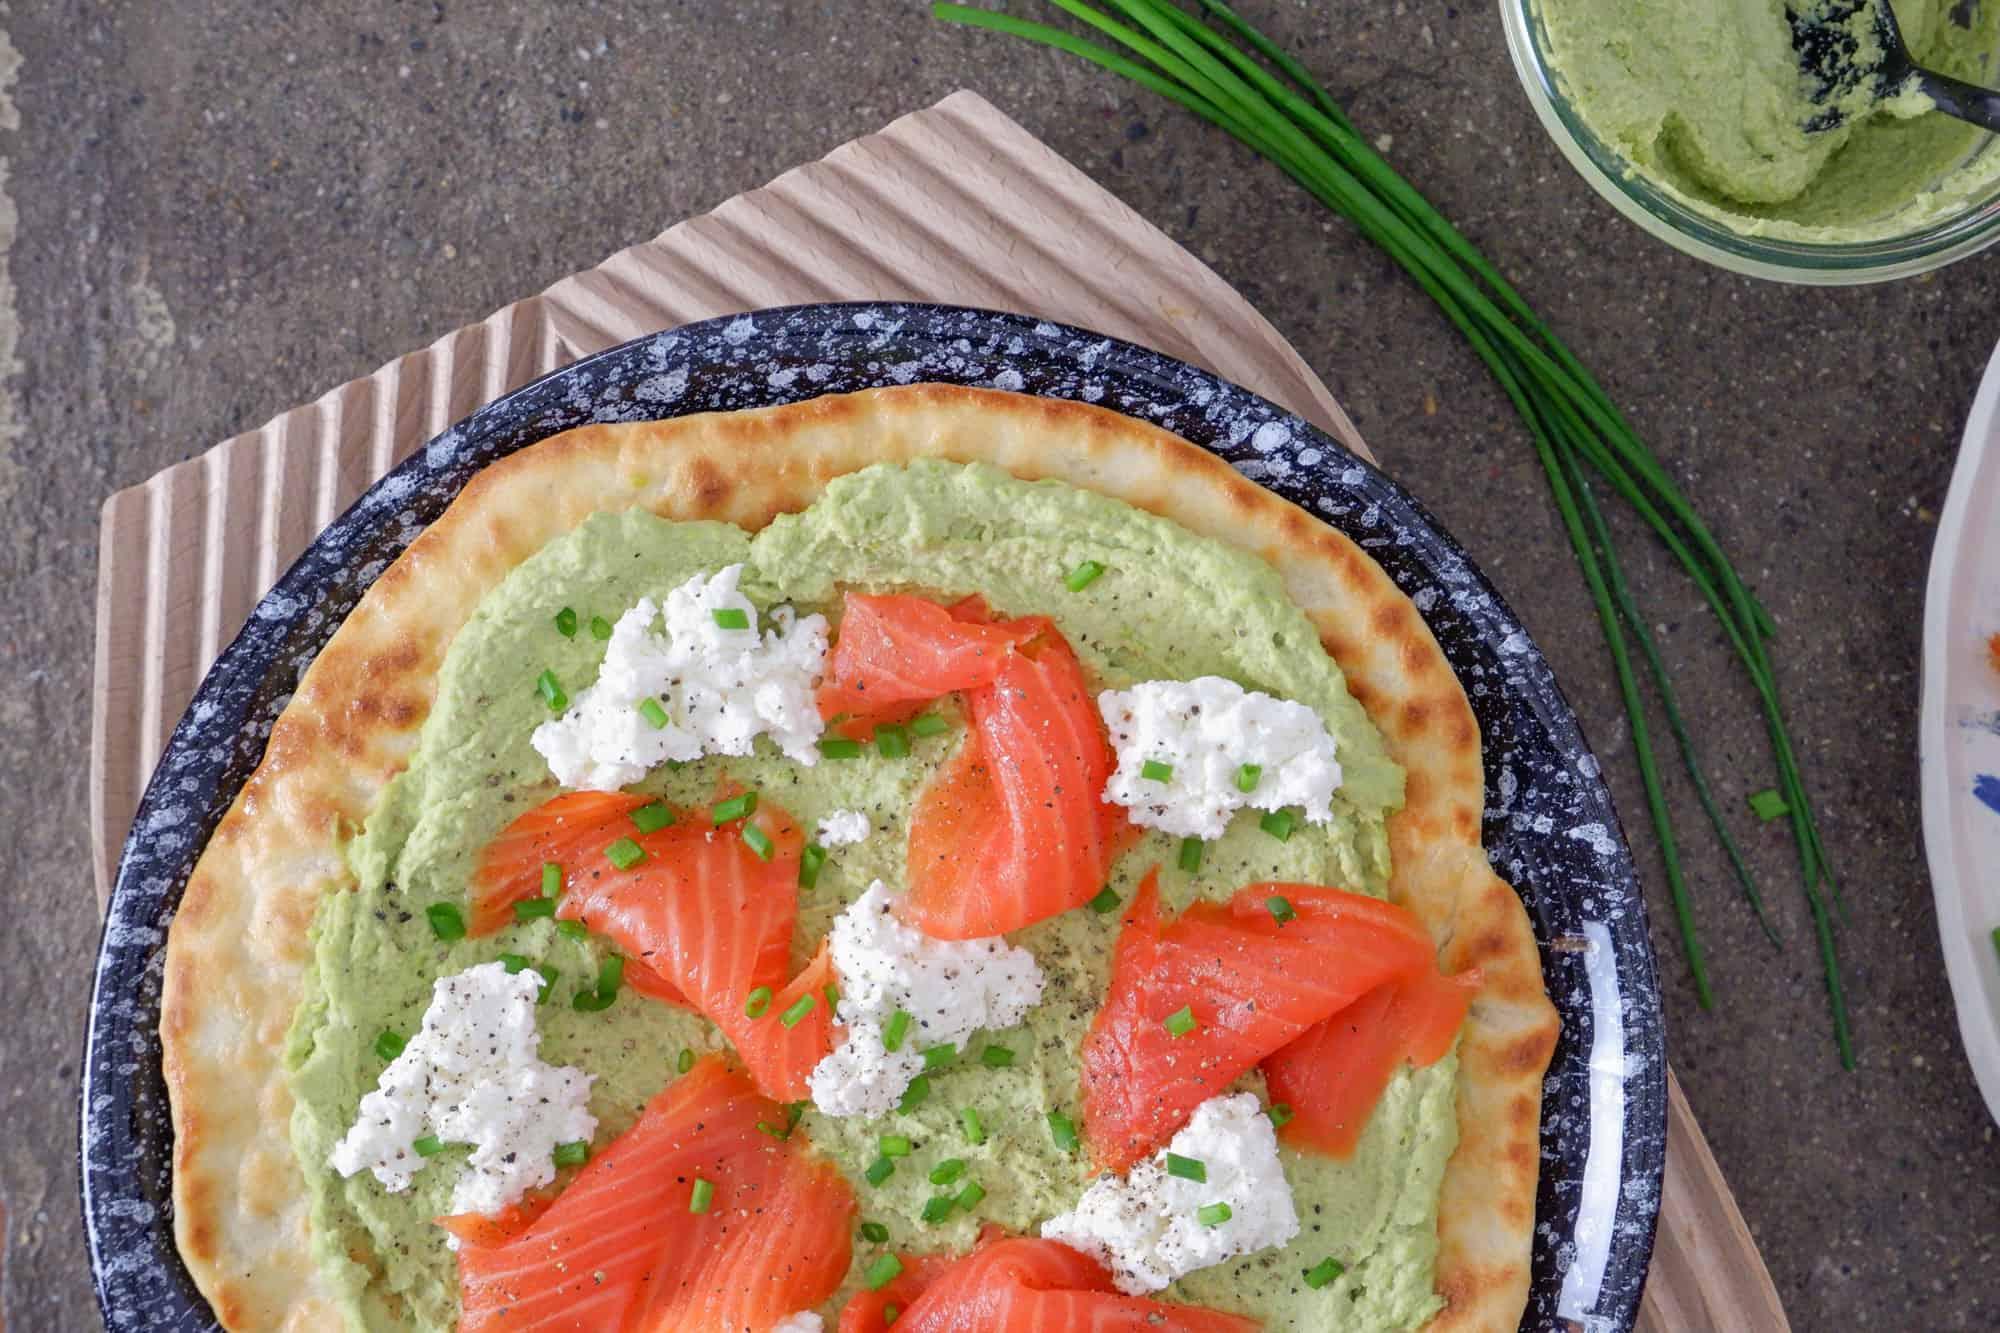 galette-proteica-con-crema-di-edamame-e-salmone-01